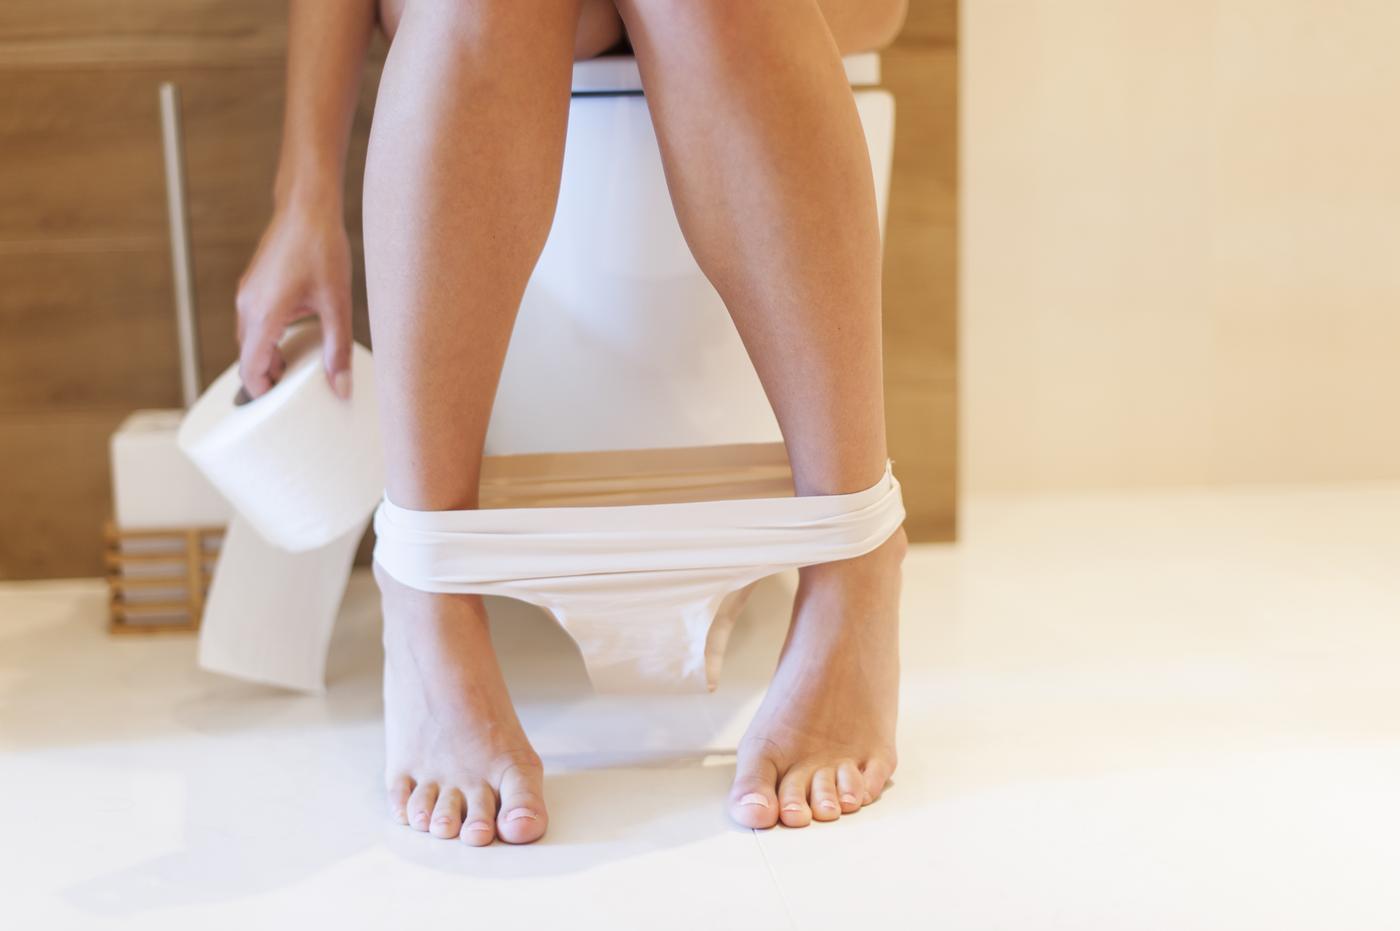 Woman sat on toilet